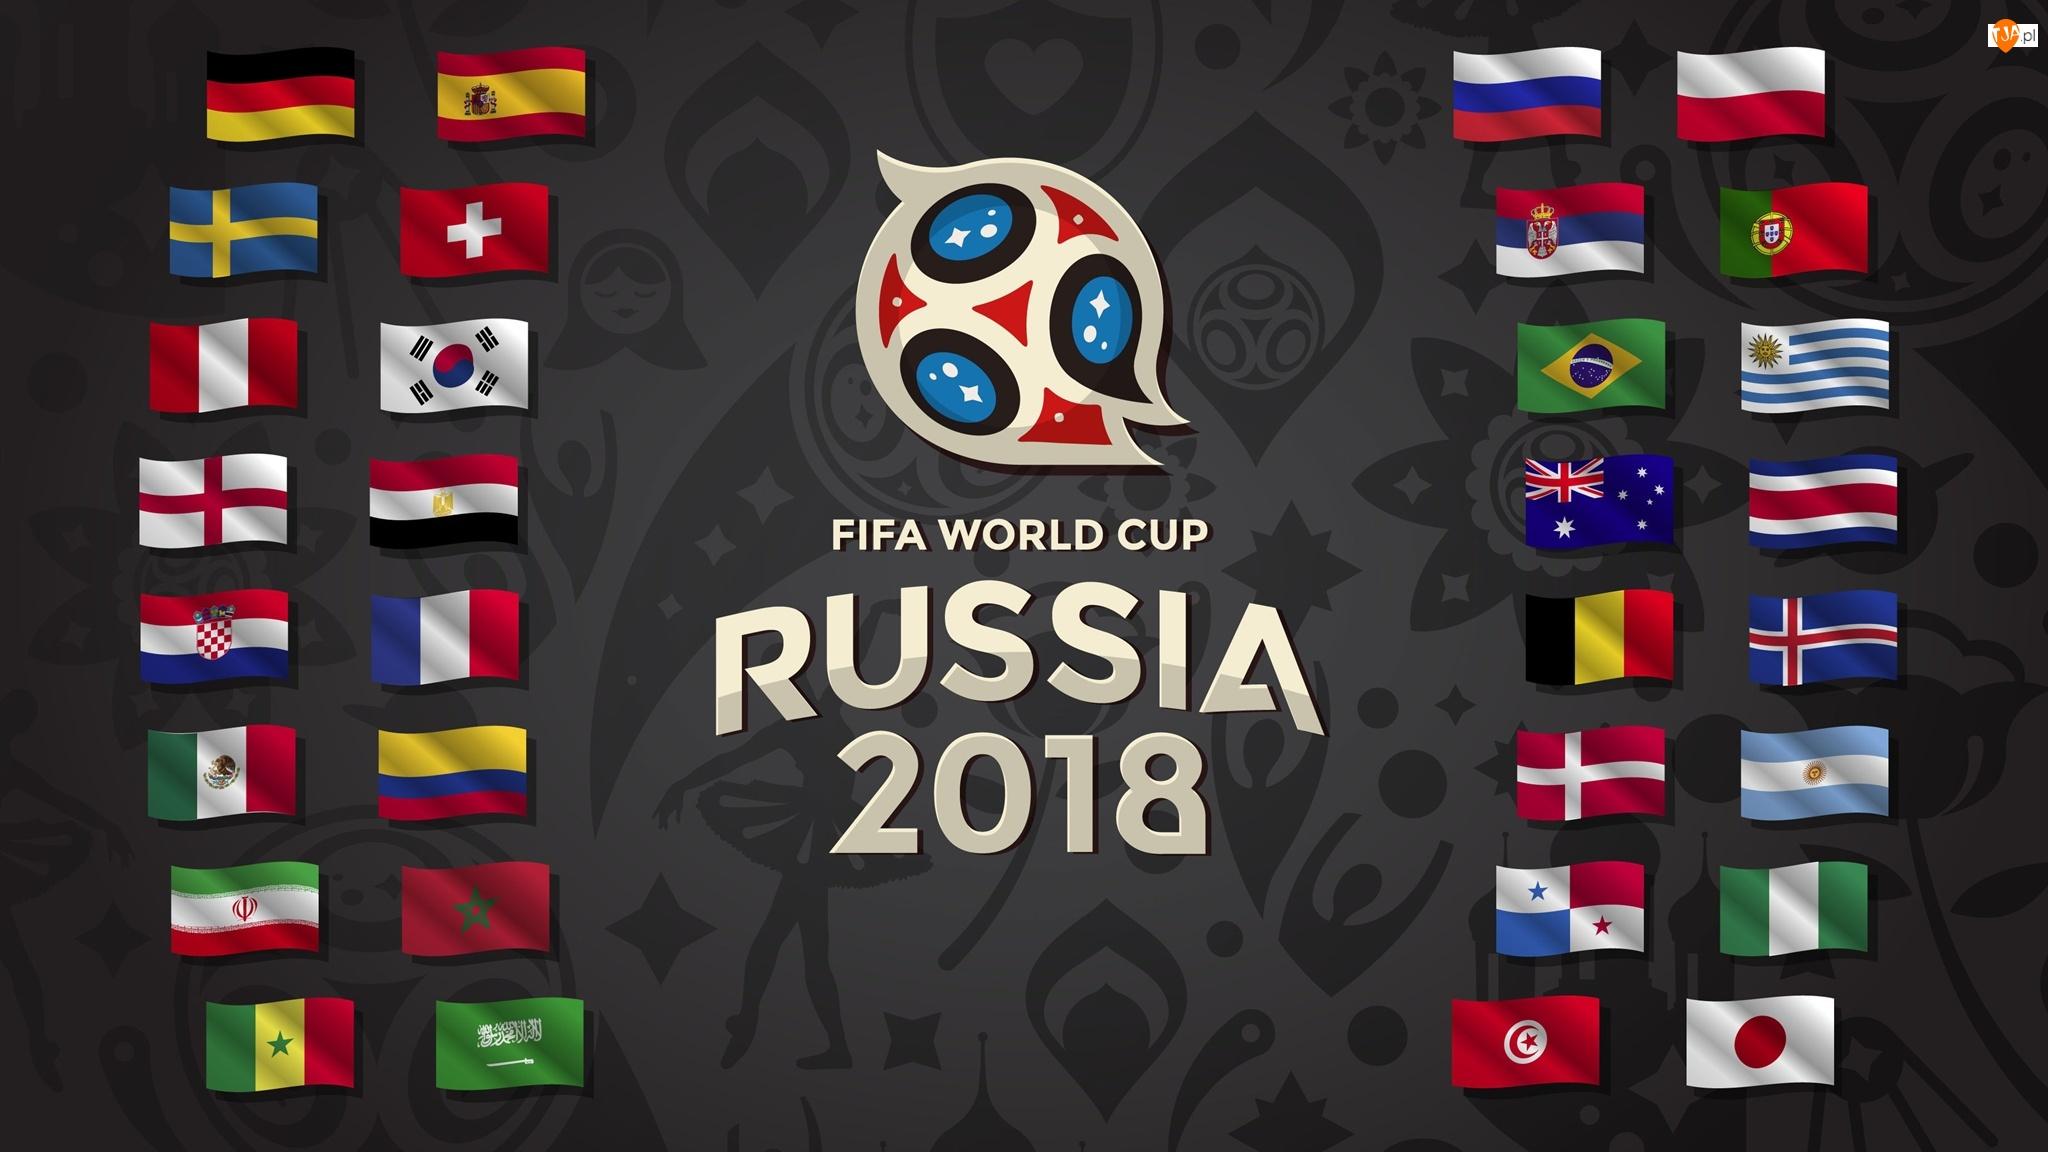 Rosja 2018, Mistrzostwa Świata, Piłka nożna, Logo, Mundial, Flagi